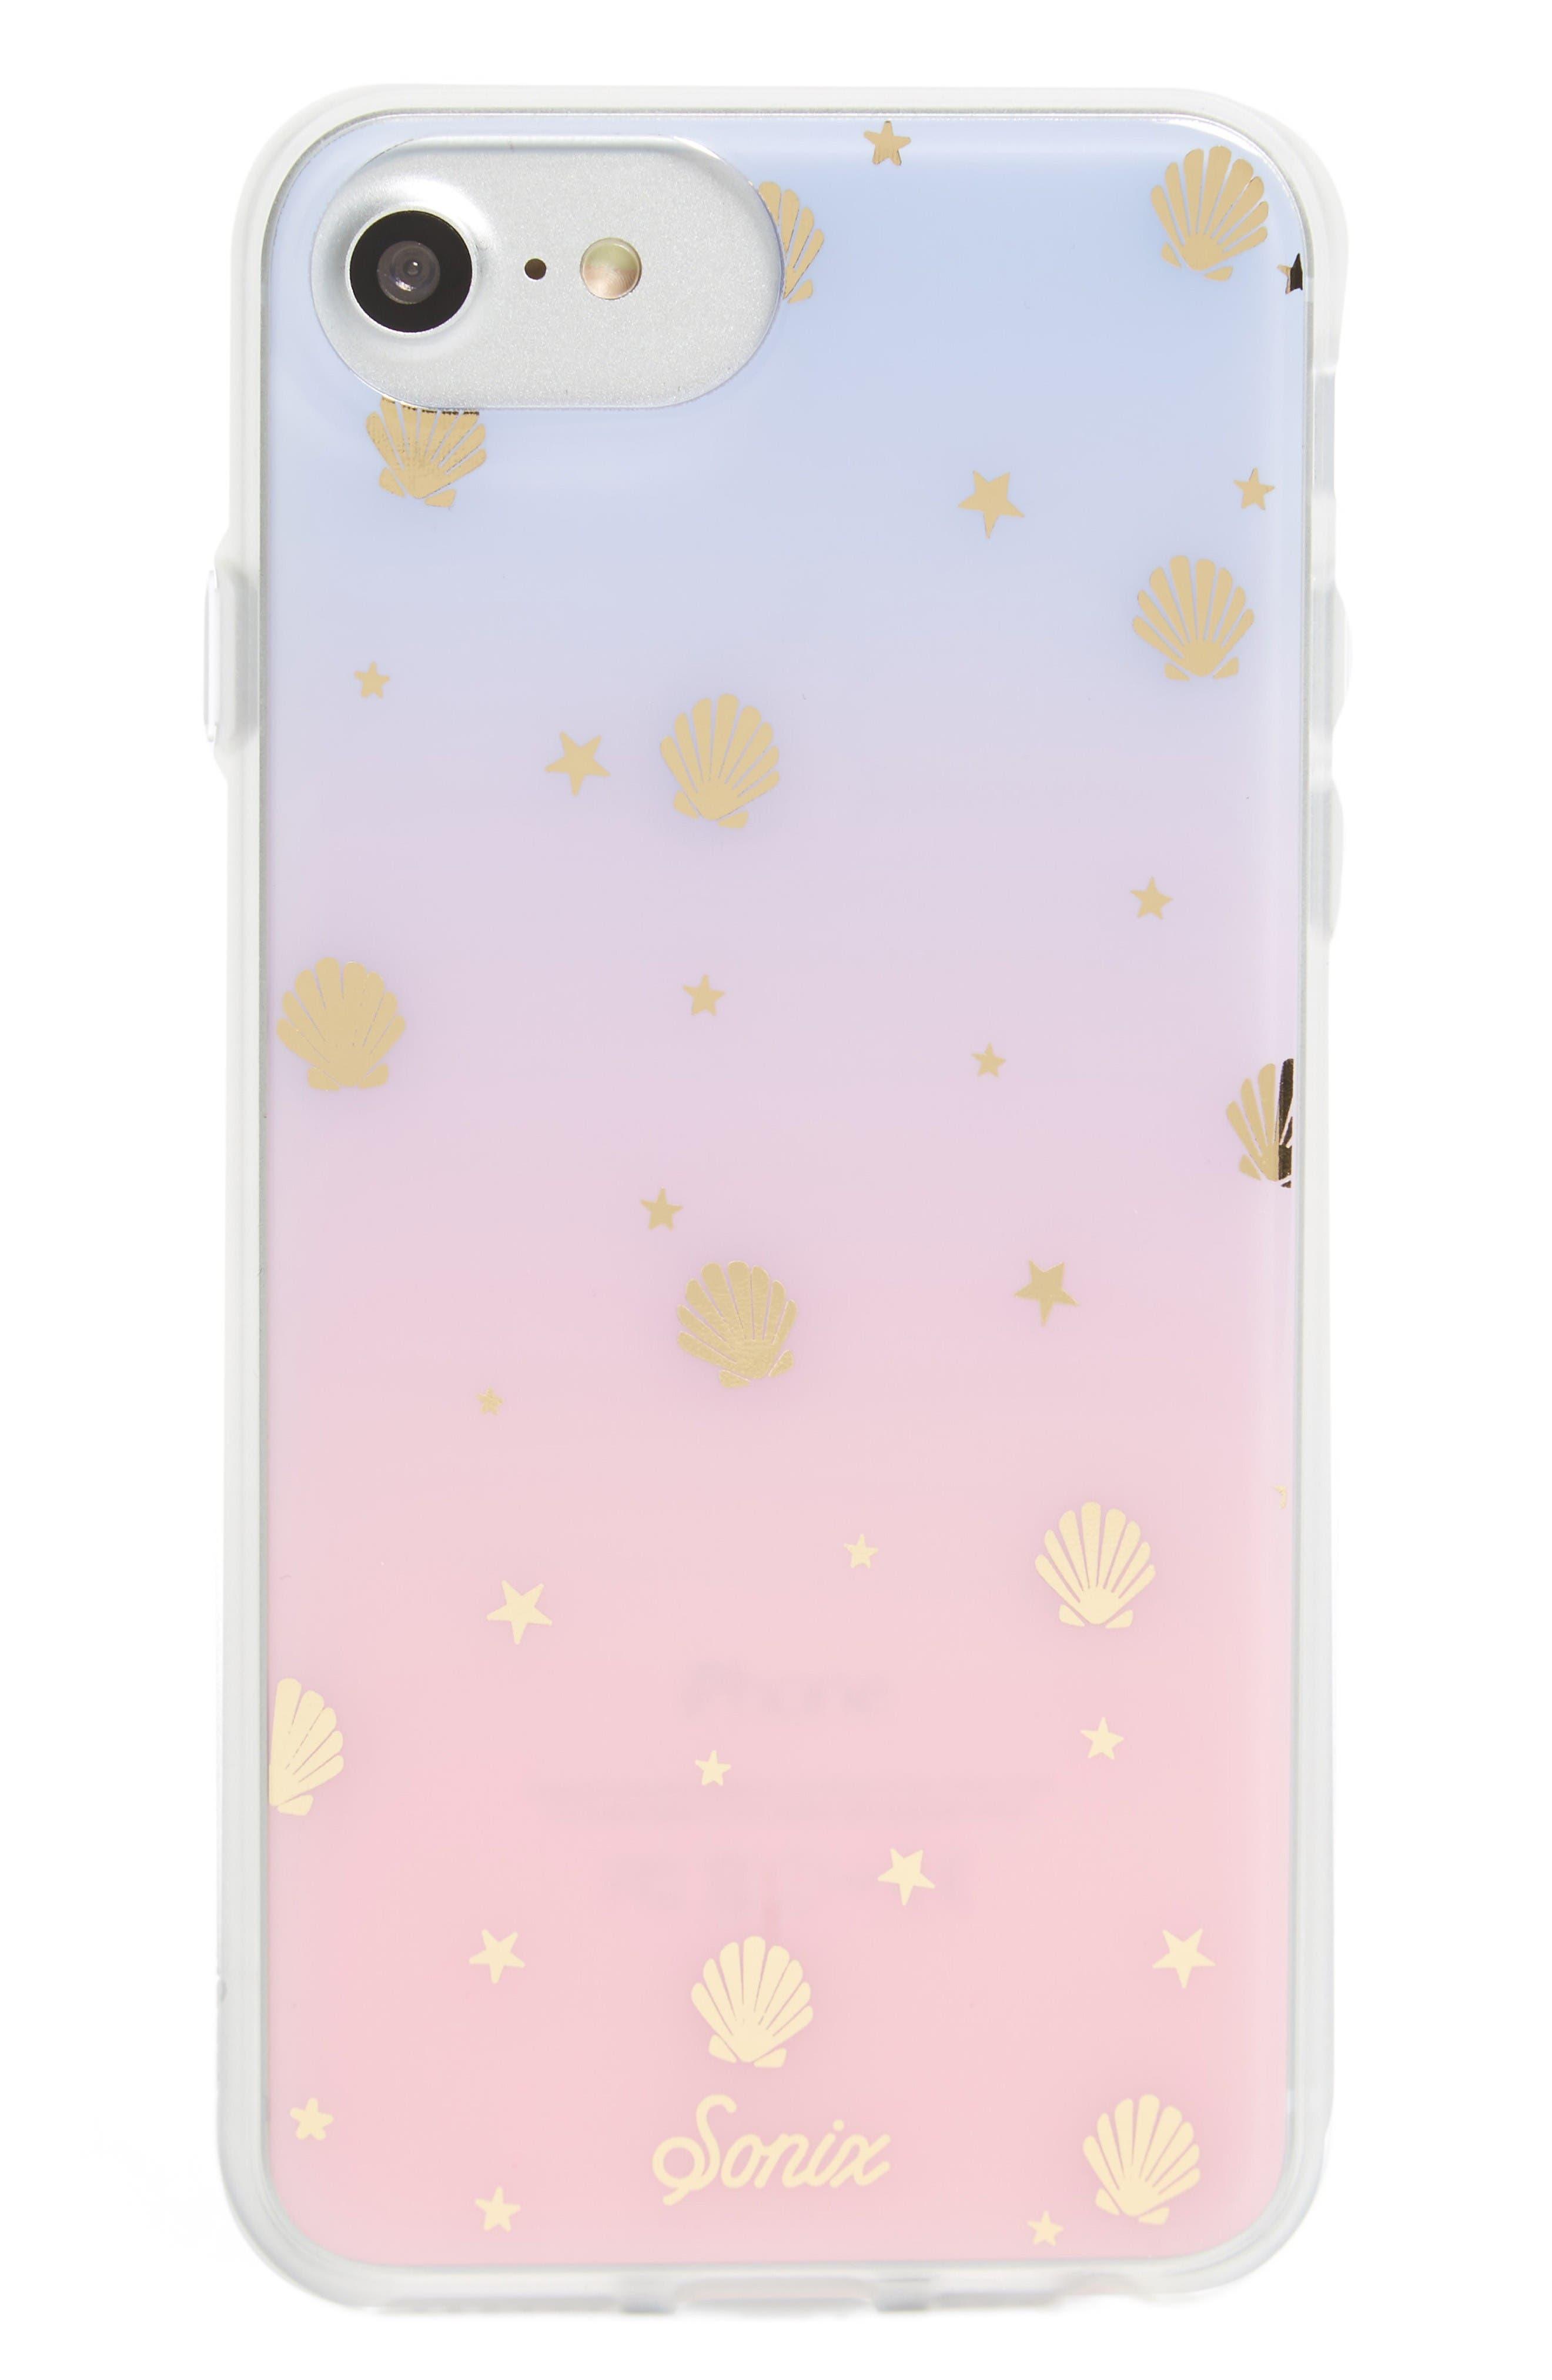 Alternate Image 1 Selected - Sonix Mermaid Dream iPhone 6/6s/7/8 & 6/6s/7/8 Plus Case